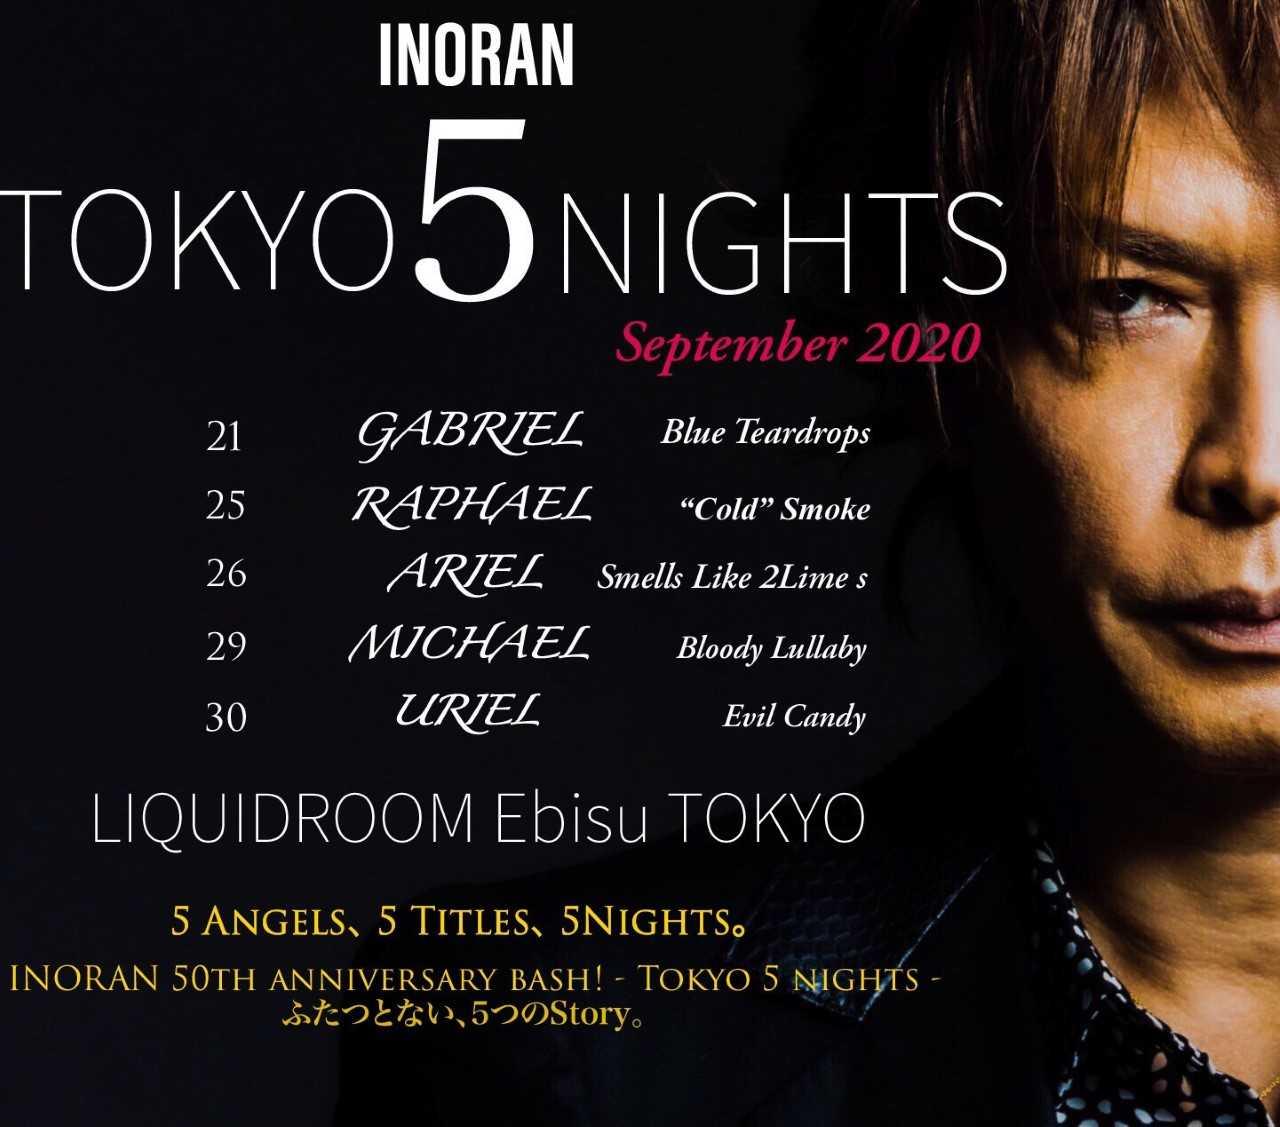 『INORAN 50th ANNIVERSARY BASH! -TOKYO 5 NIGHTS -』